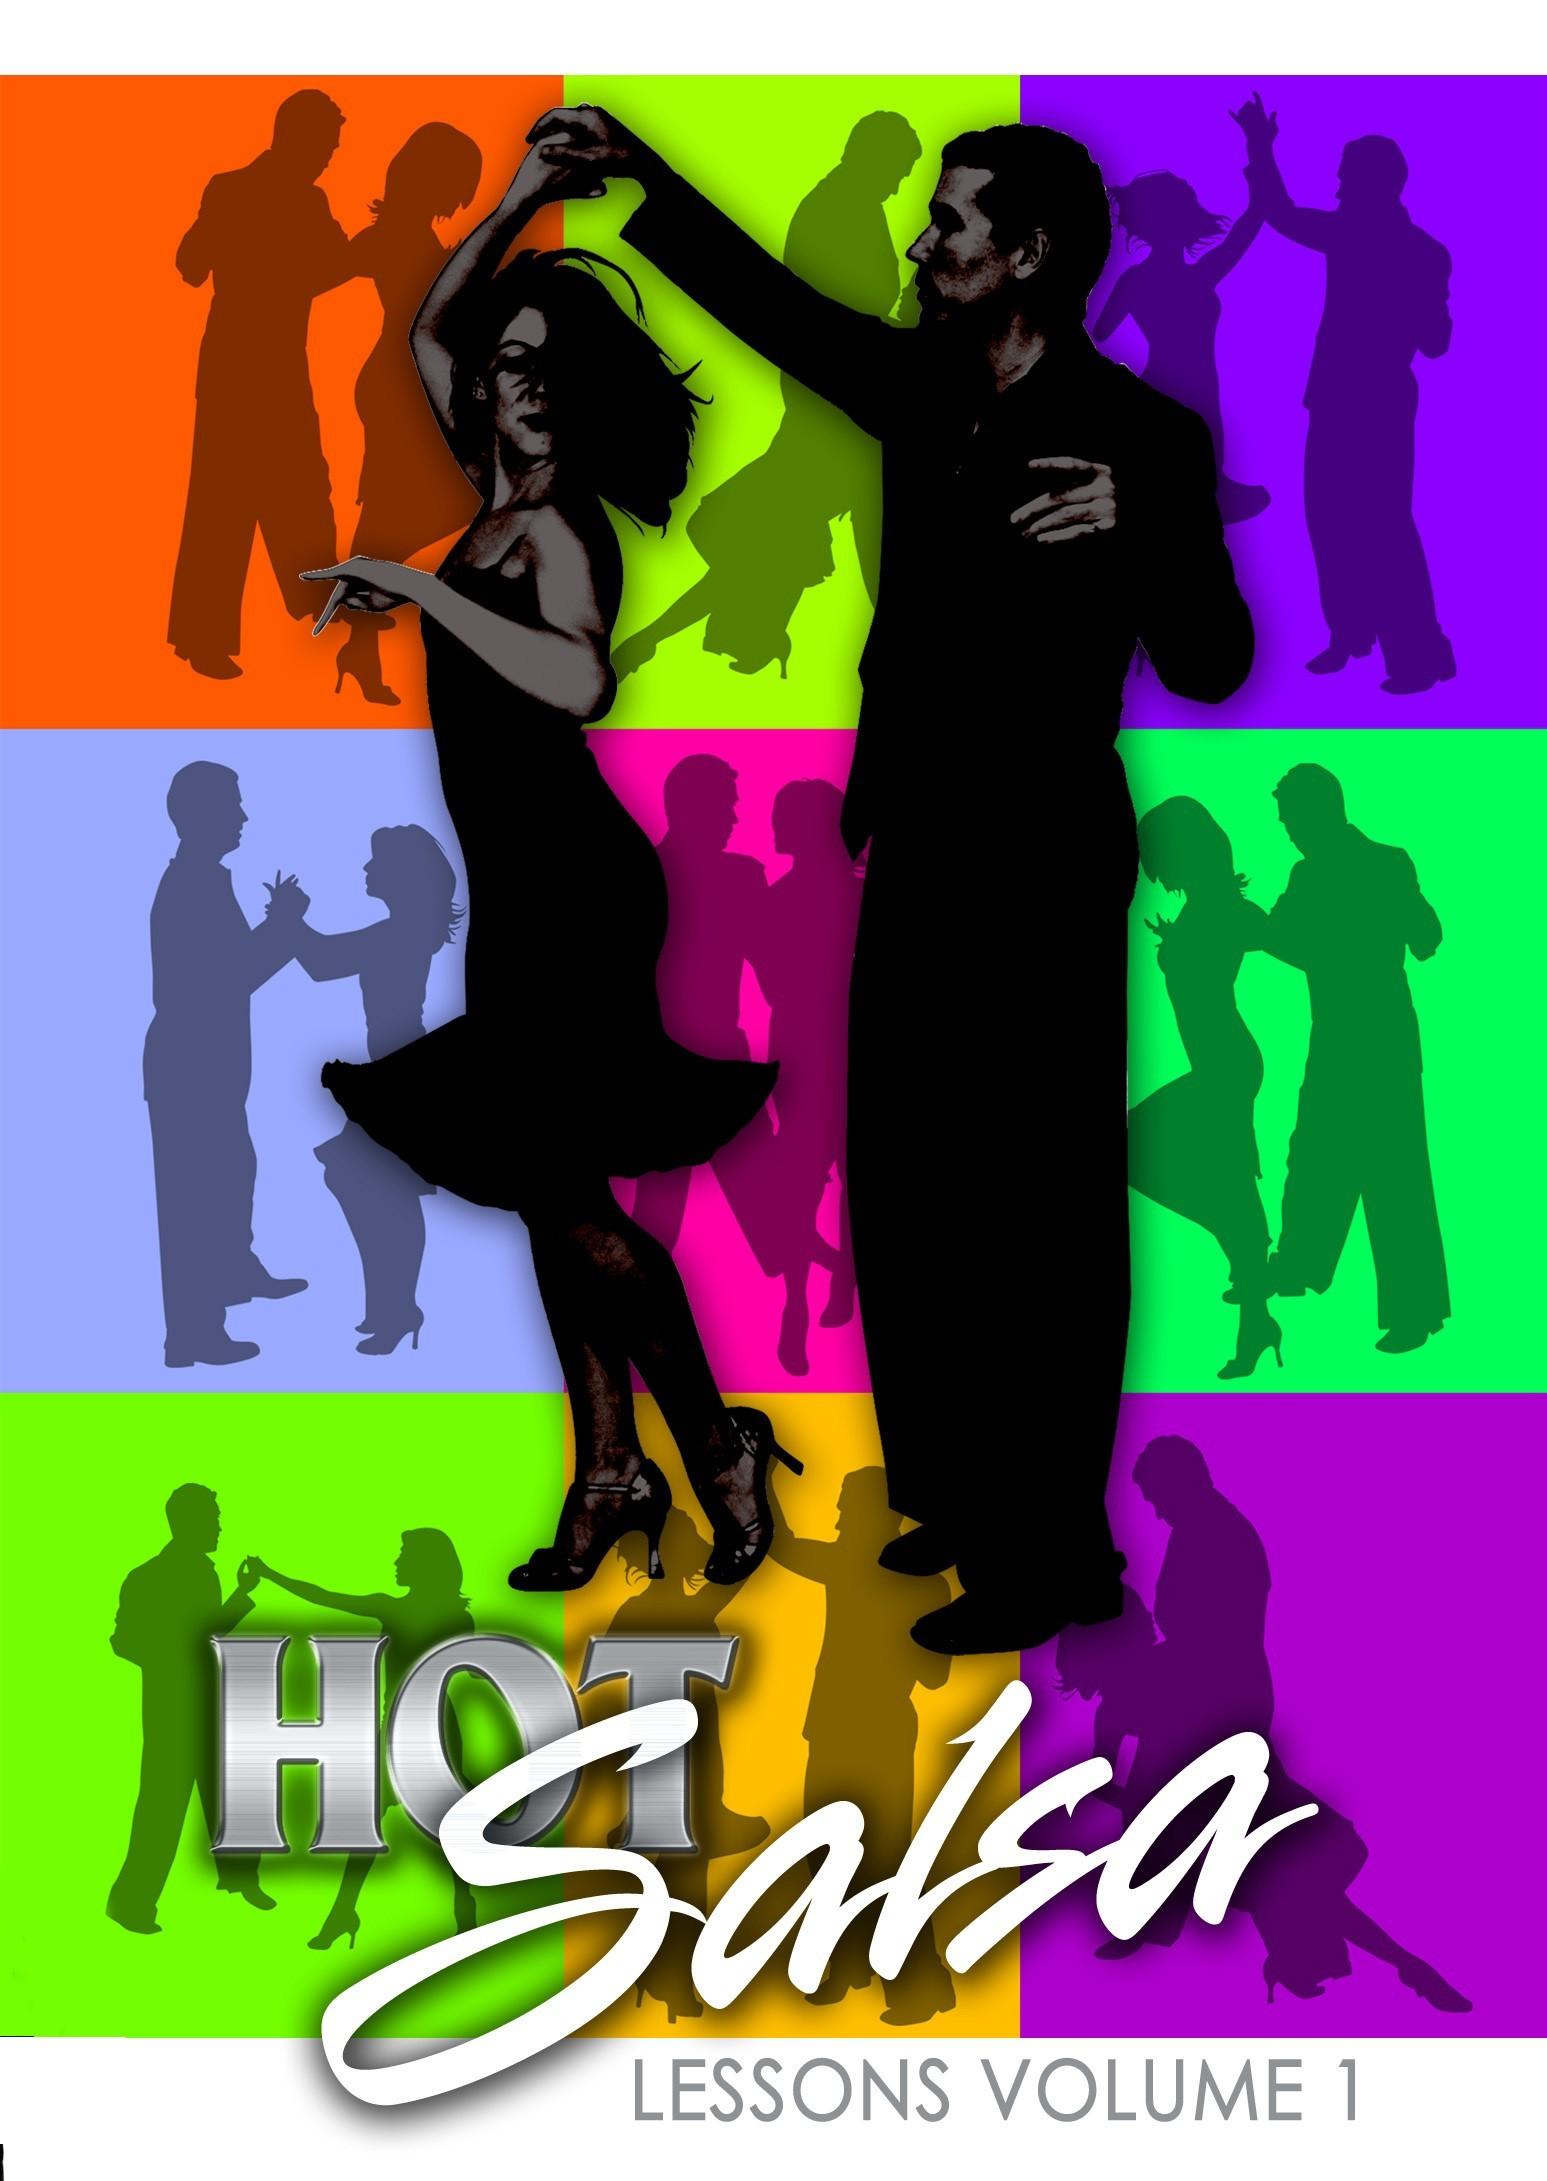 Hot Salsa Lessons, Vol. 1